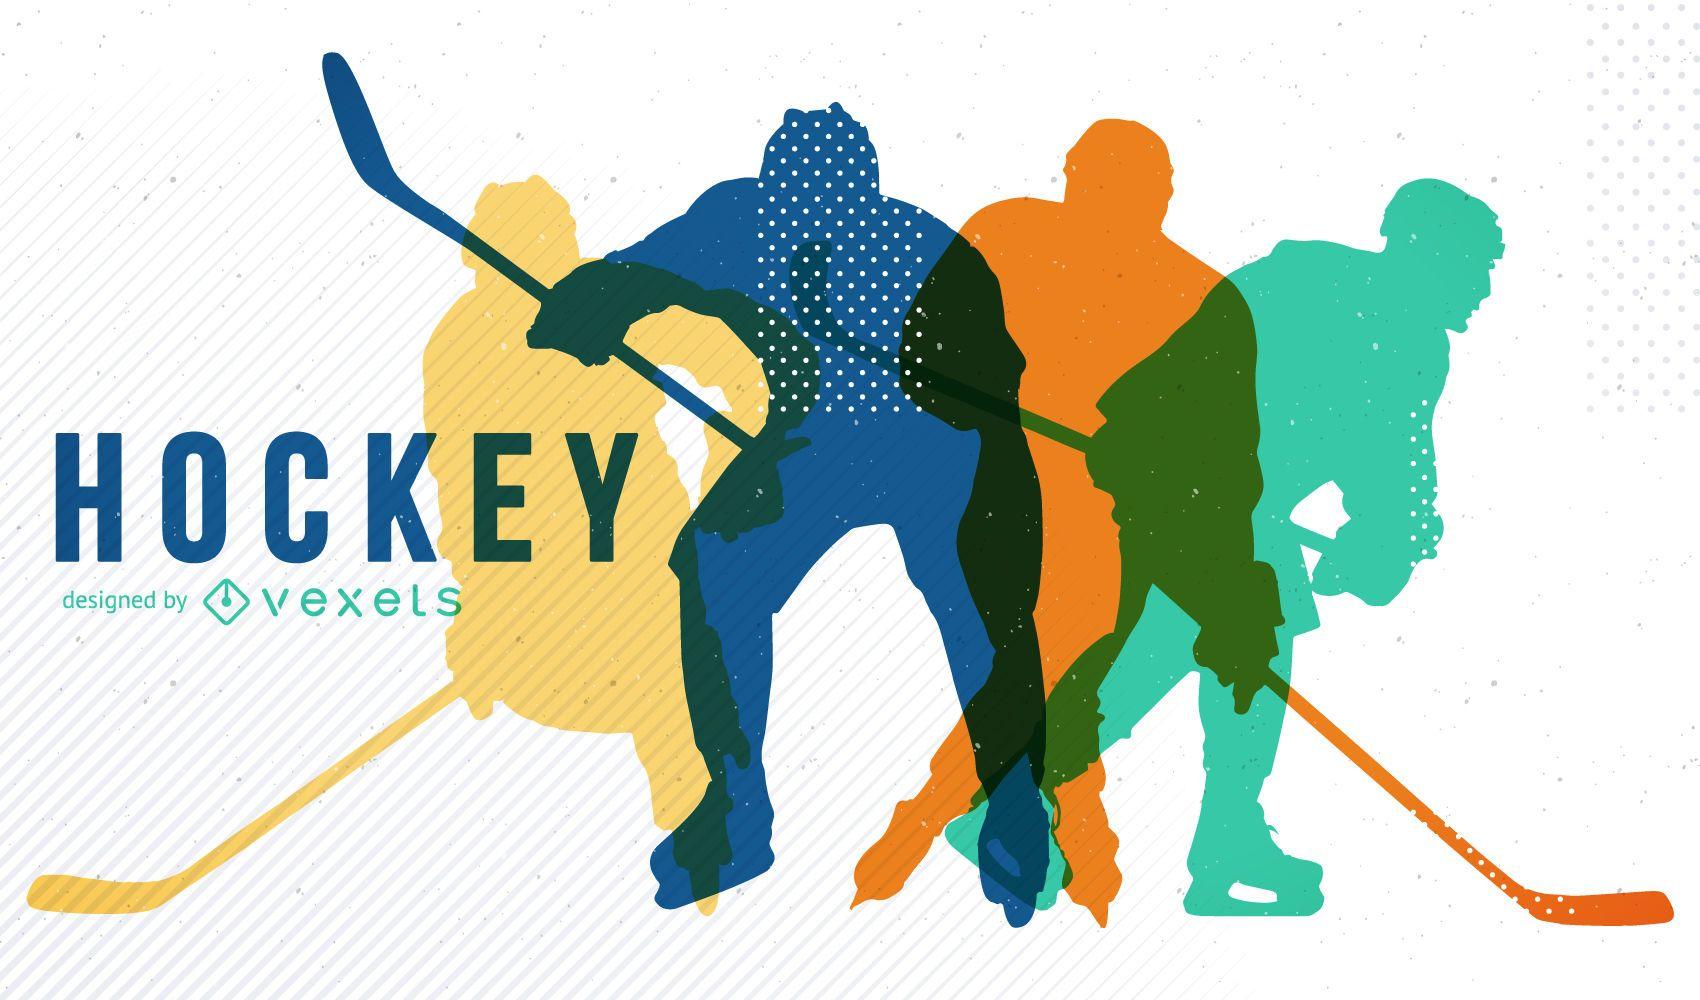 Diseño de hockey con siluetas